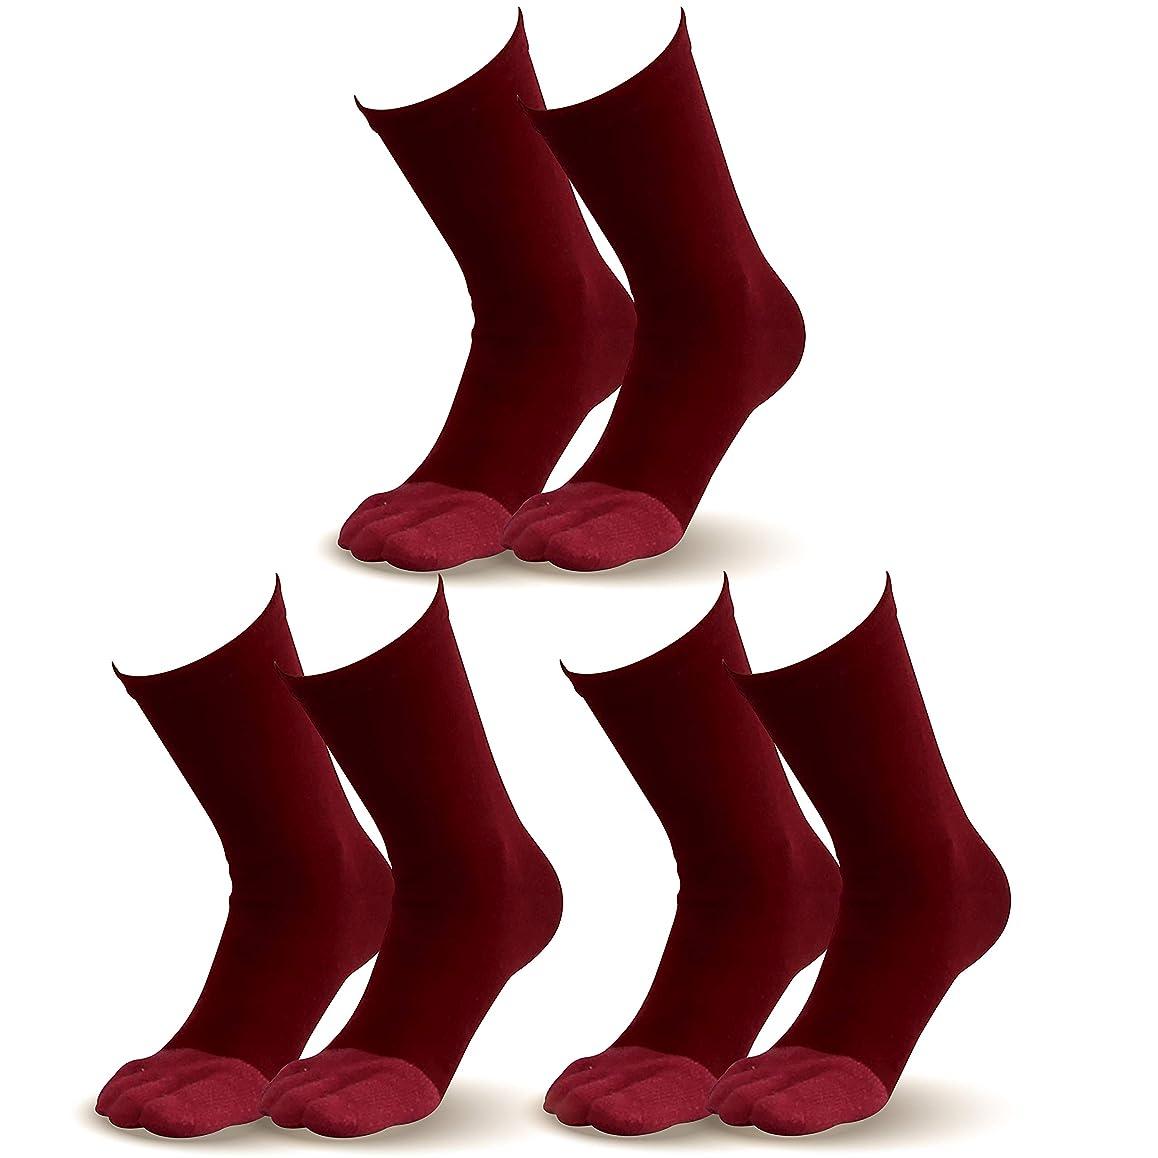 パレード危険にさらされているトランスペアレント【指先まであったか靴下】とってもお得な3足組 エンジ 新年 お正月 温かい暖かい 遠赤外線加工セラミック伸びる外反母趾対策健康5本指ソックス